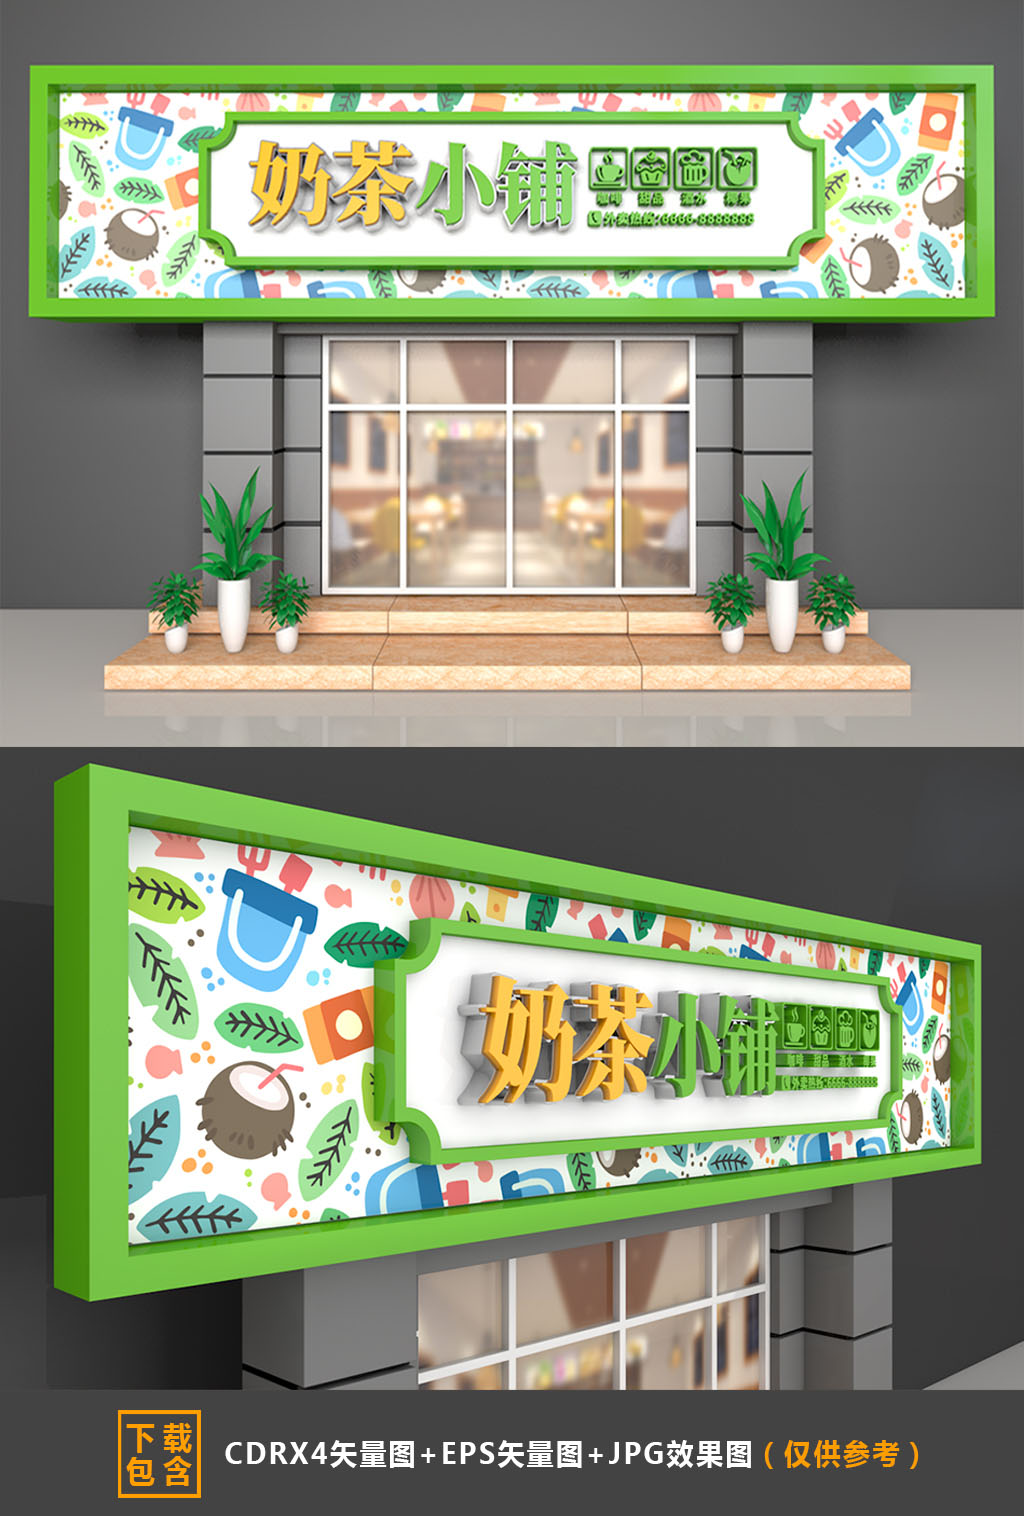 大型3D立体绿色时尚奶茶店门头招牌设计6源文件插图